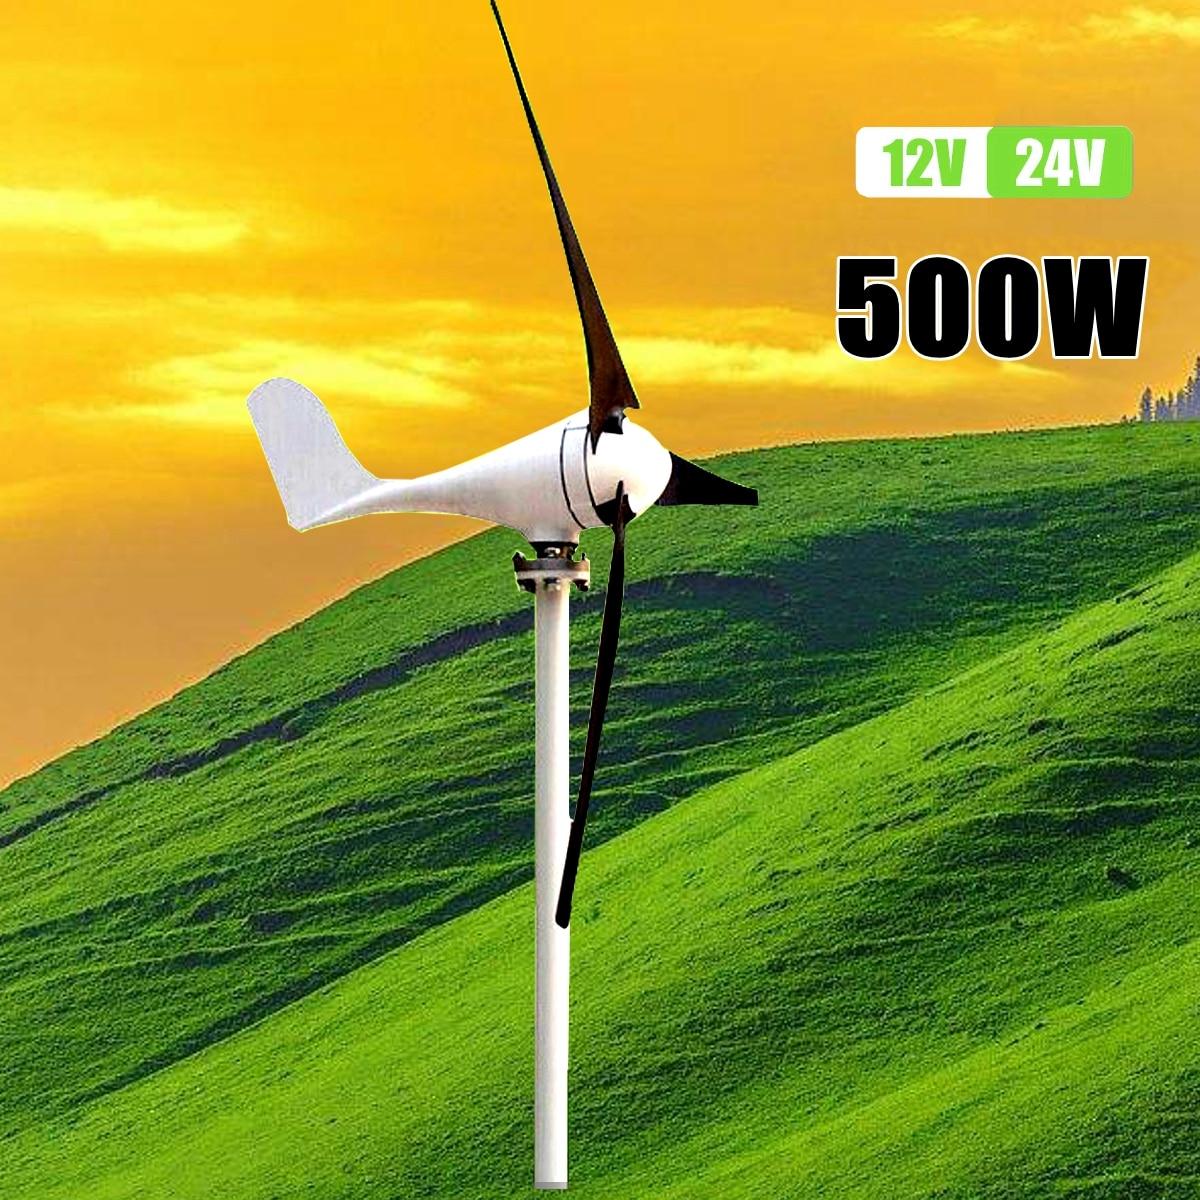 Max 600 Вт ветряной генератор комплект Max AC 12 В 24 В 3 лезвия вариант Aerogenerator